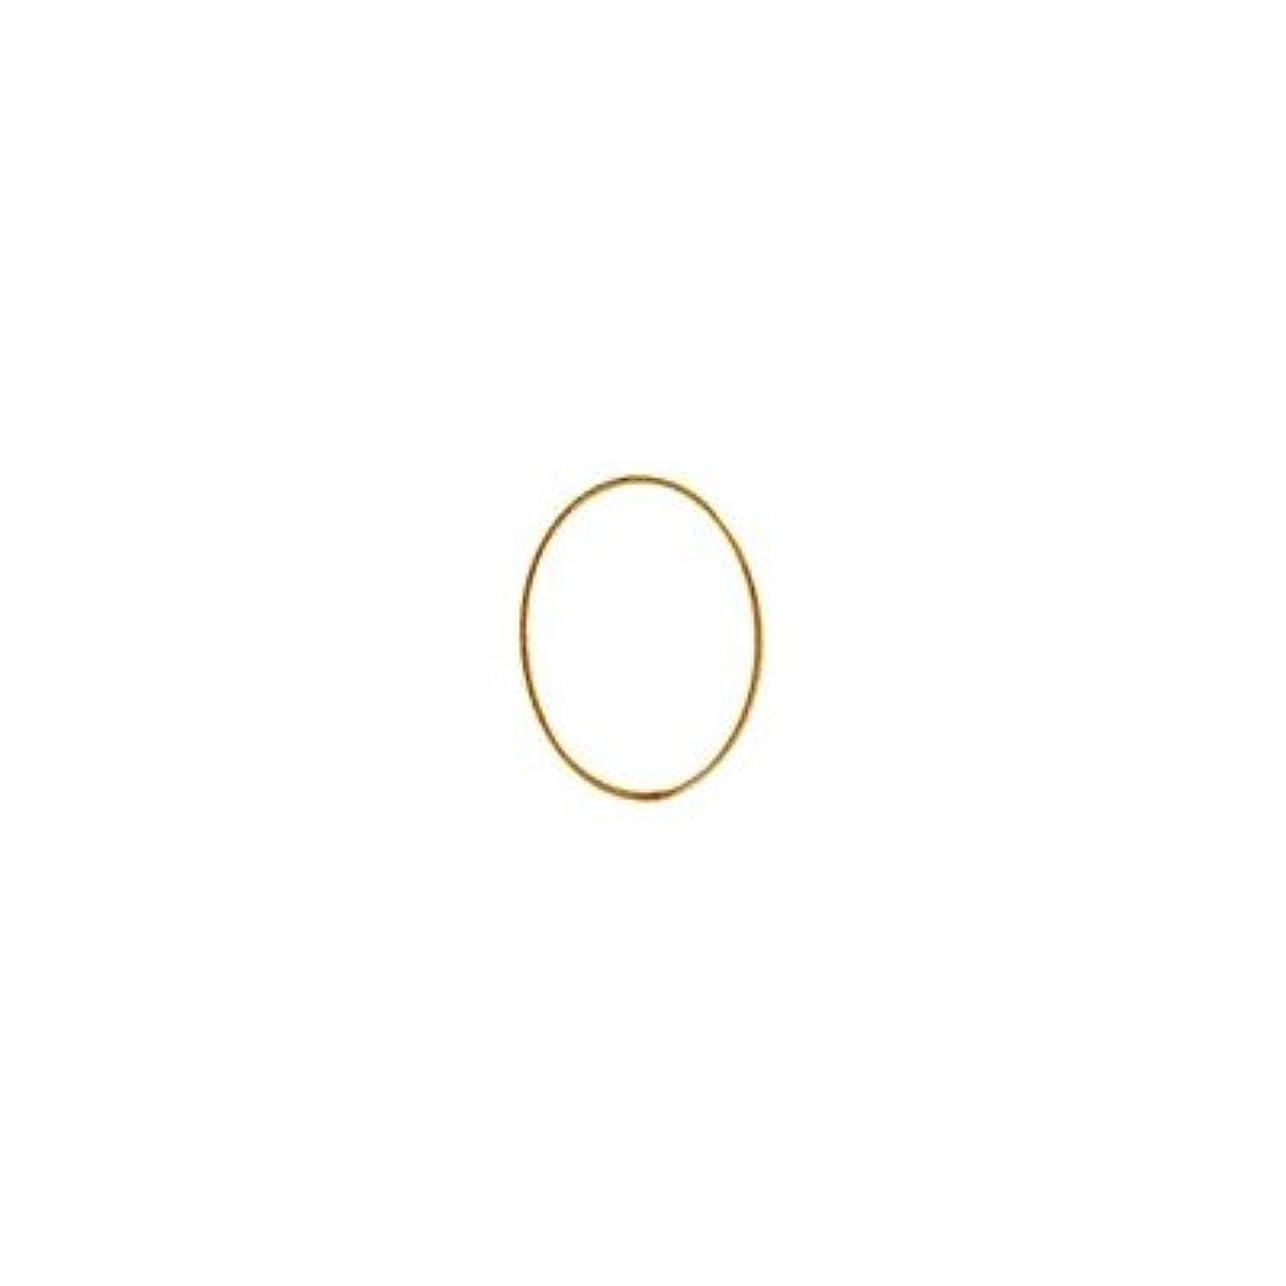 失われたバケツ水曜日シャレドワミュゼ BLC ブローチ オーバル 7×5mm ゴールド 10p